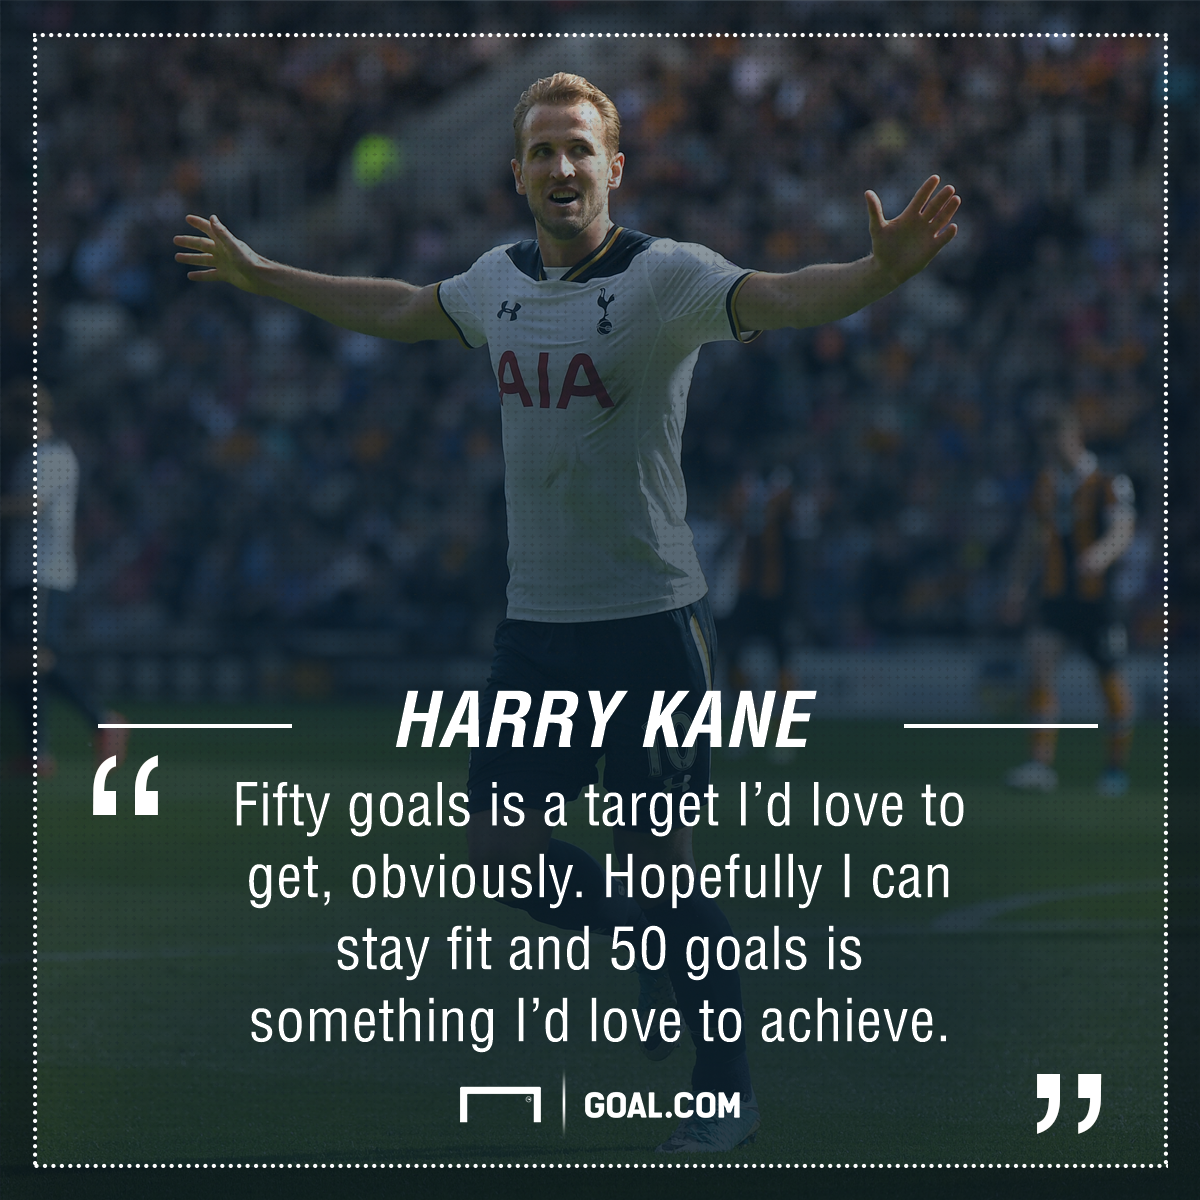 Tottenham striker Kane targeting 50 goals next season